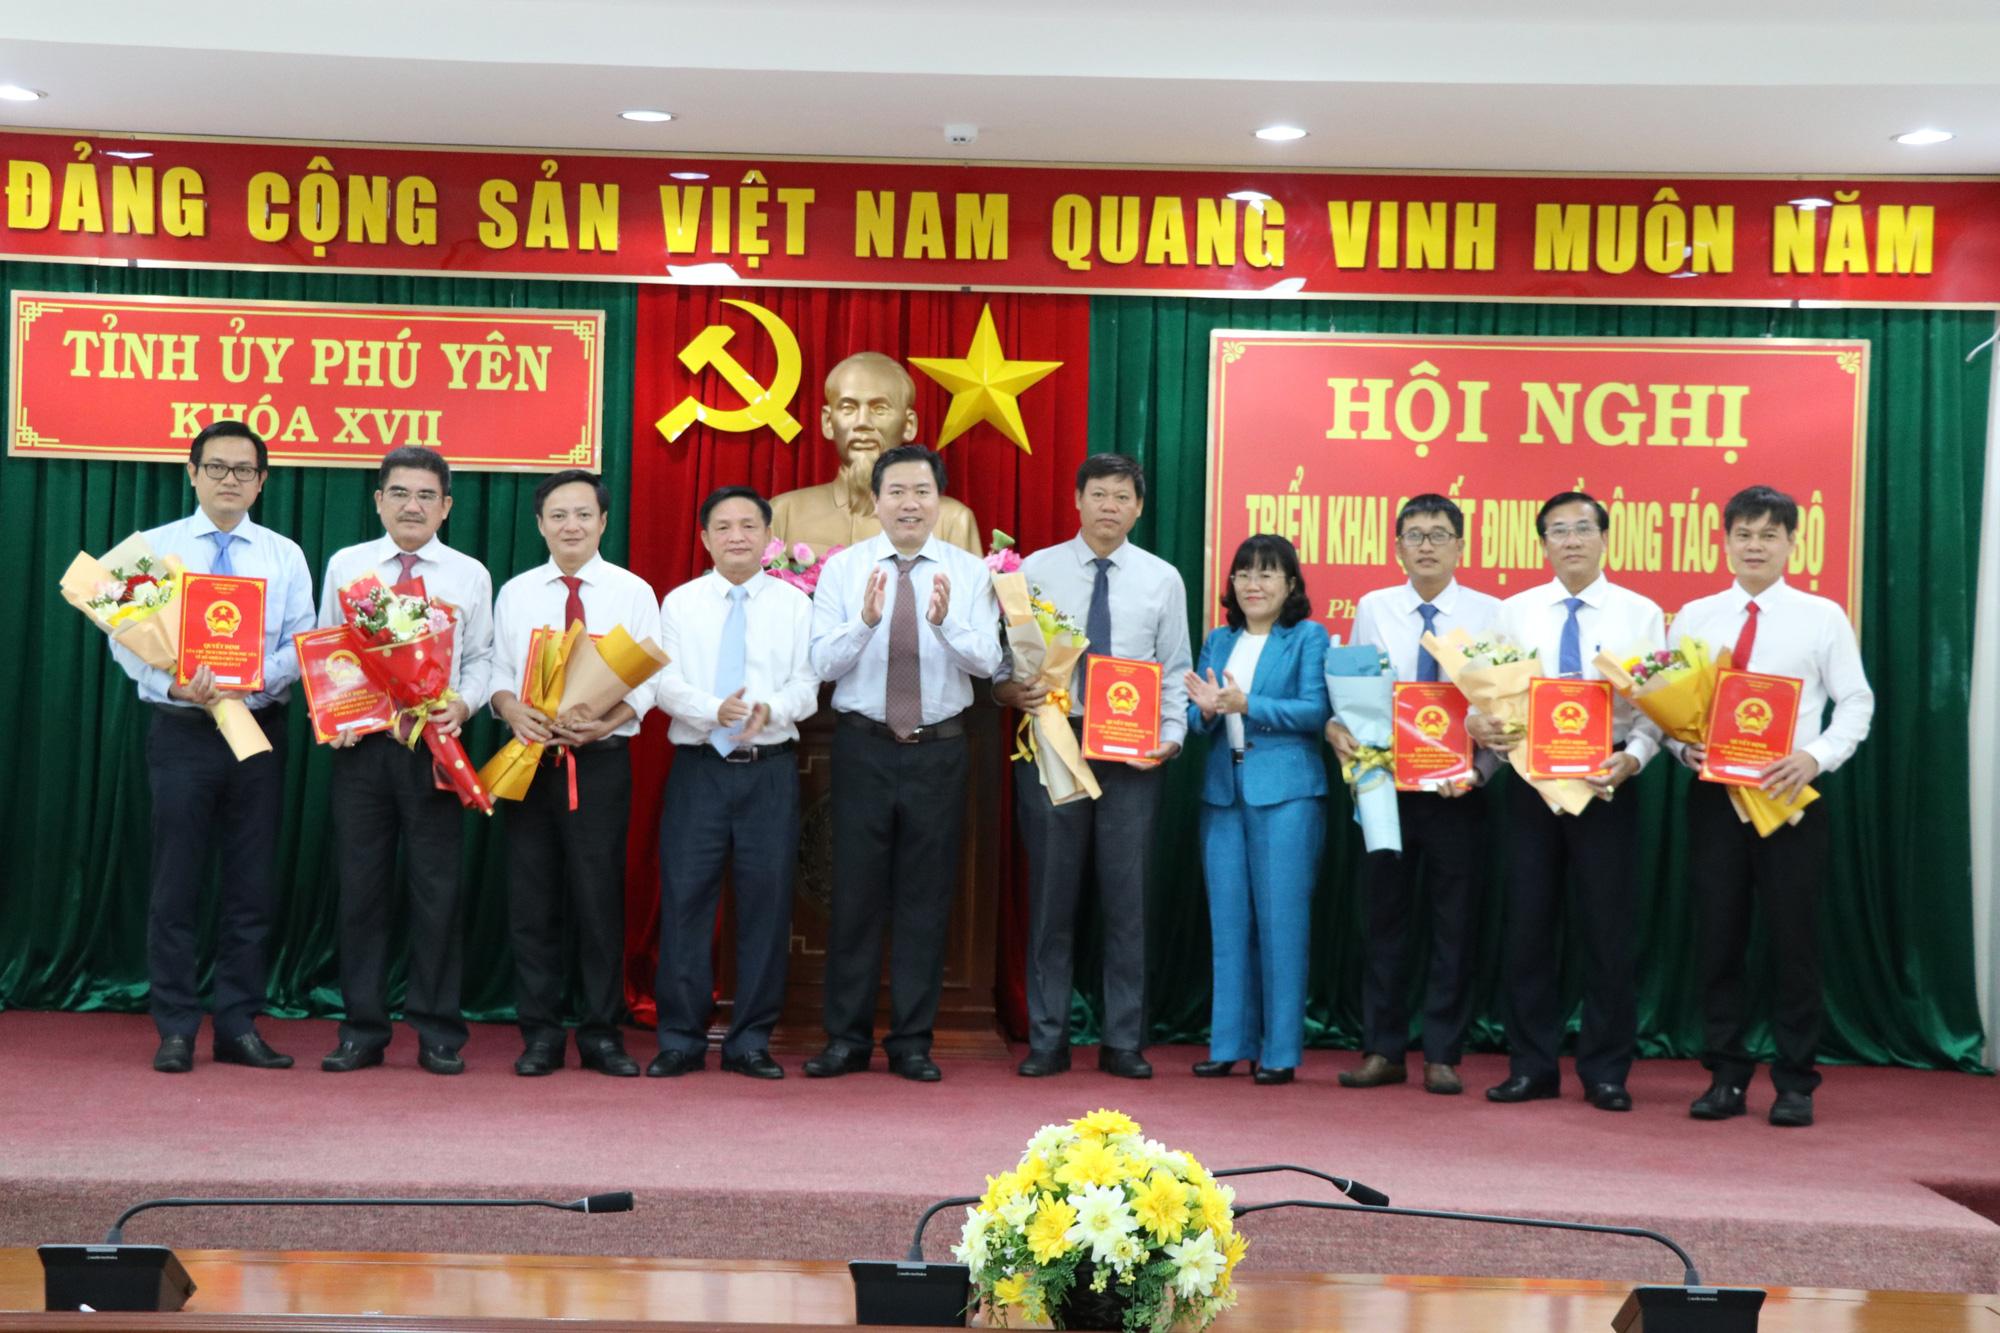 Phú Yên: Điều động, bổ nhiệm 19 nhân sự chủ chốt - Ảnh 2.